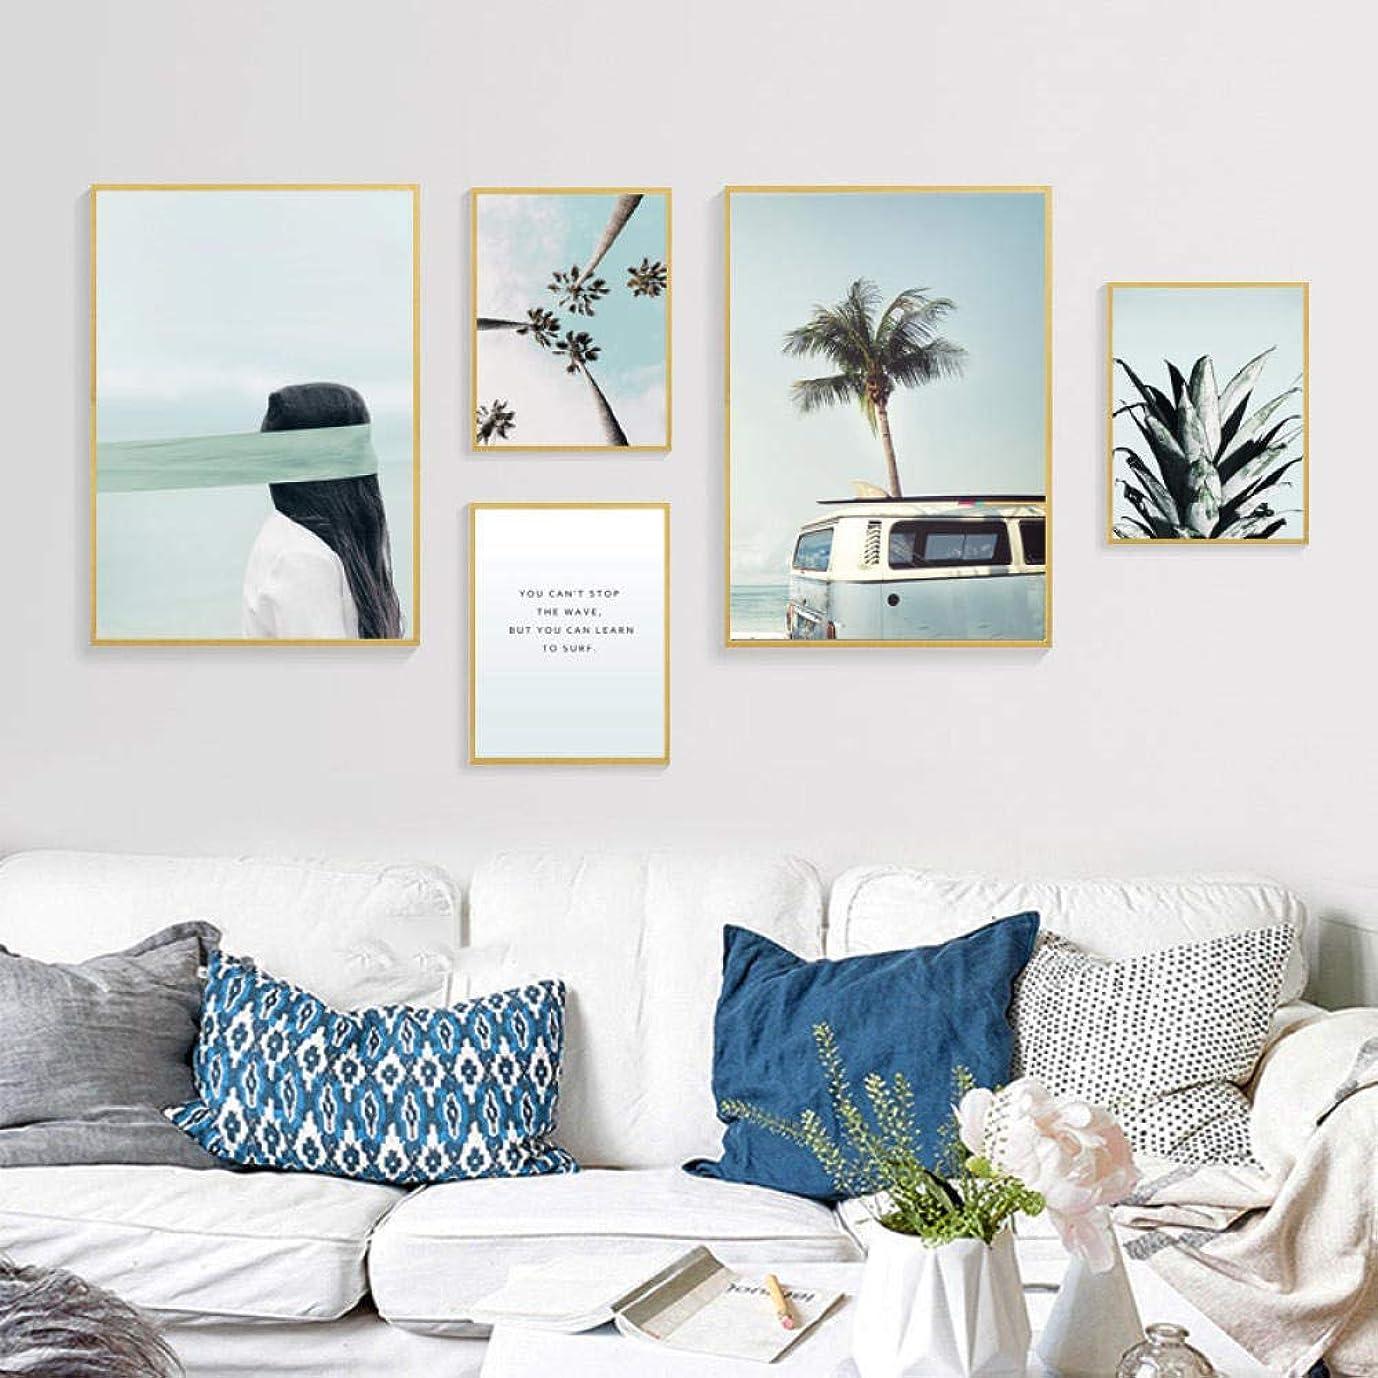 と組む大間違っている海の風景ココナッツツリー壁アートポスタープリントキャンバスの絵画の家の装飾-40x60cmx2 20x30cmx3ピースフレームなし